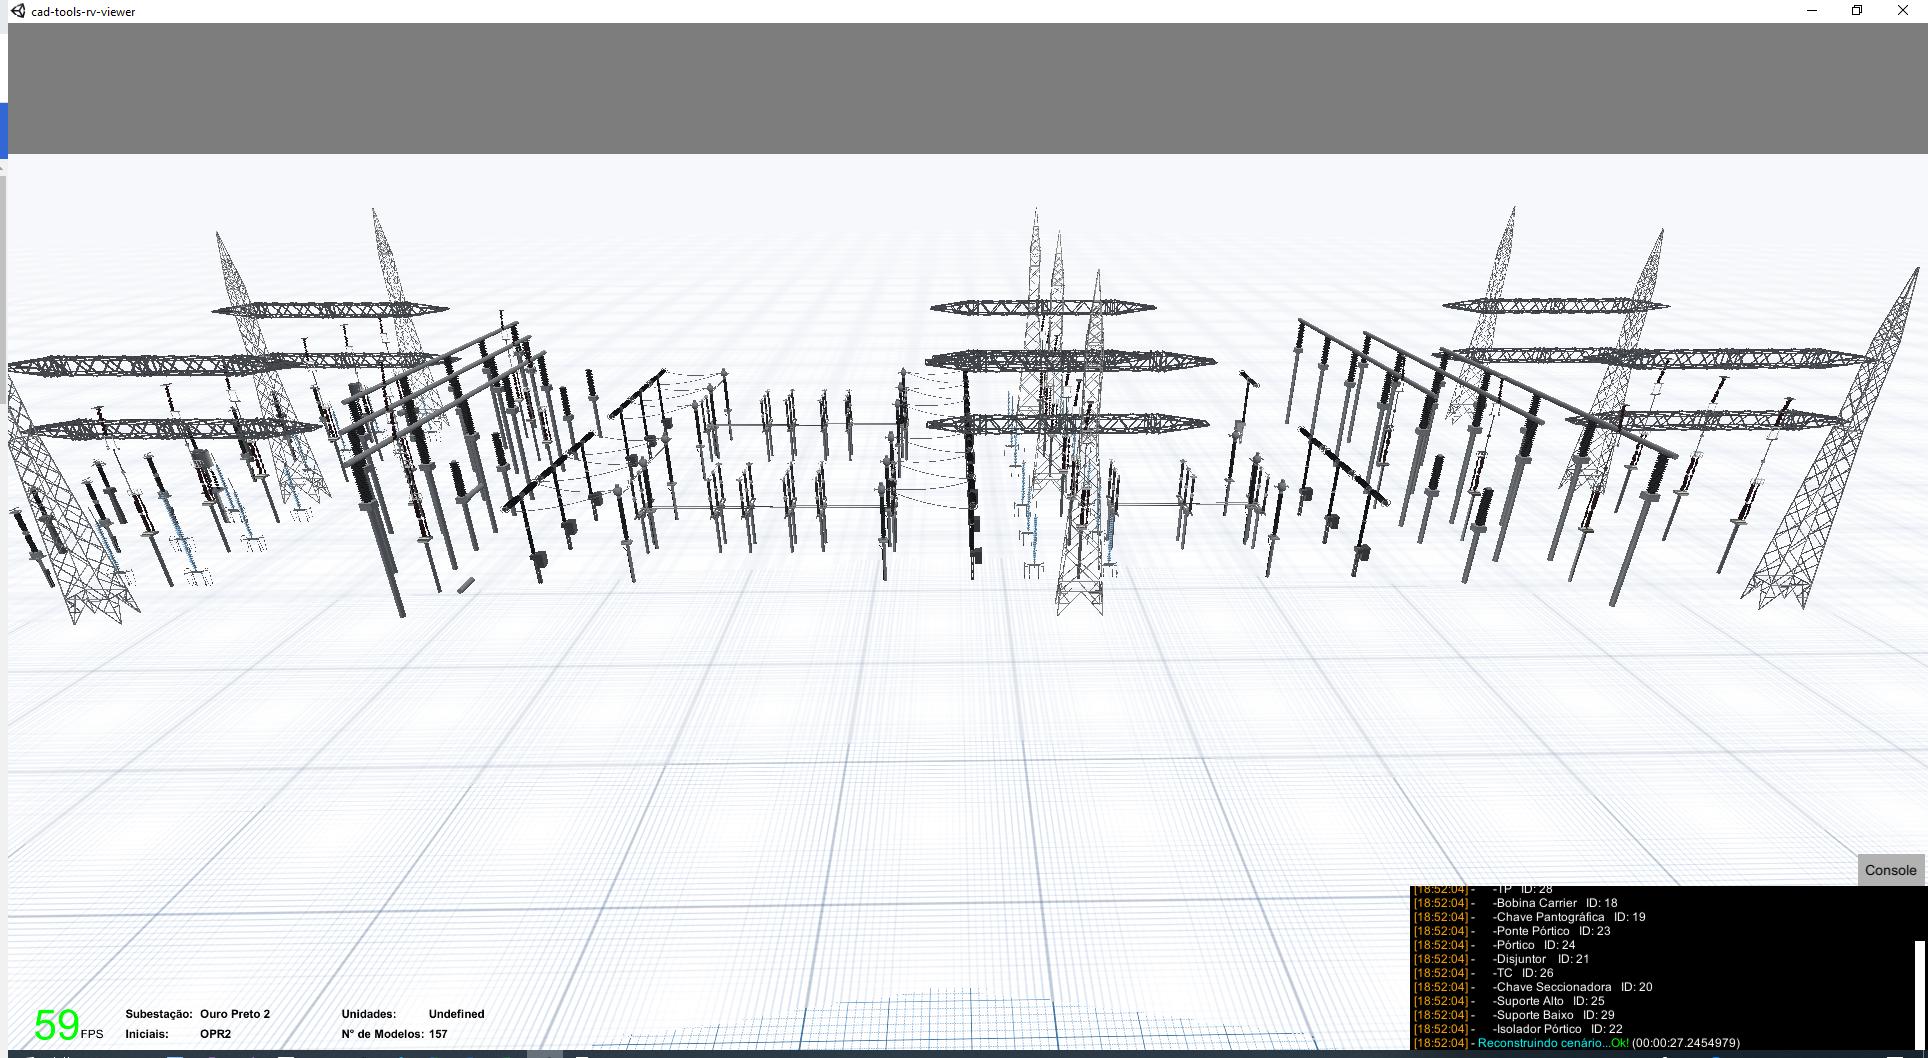 Captura de tela 2020-01-20 19.35.15.png